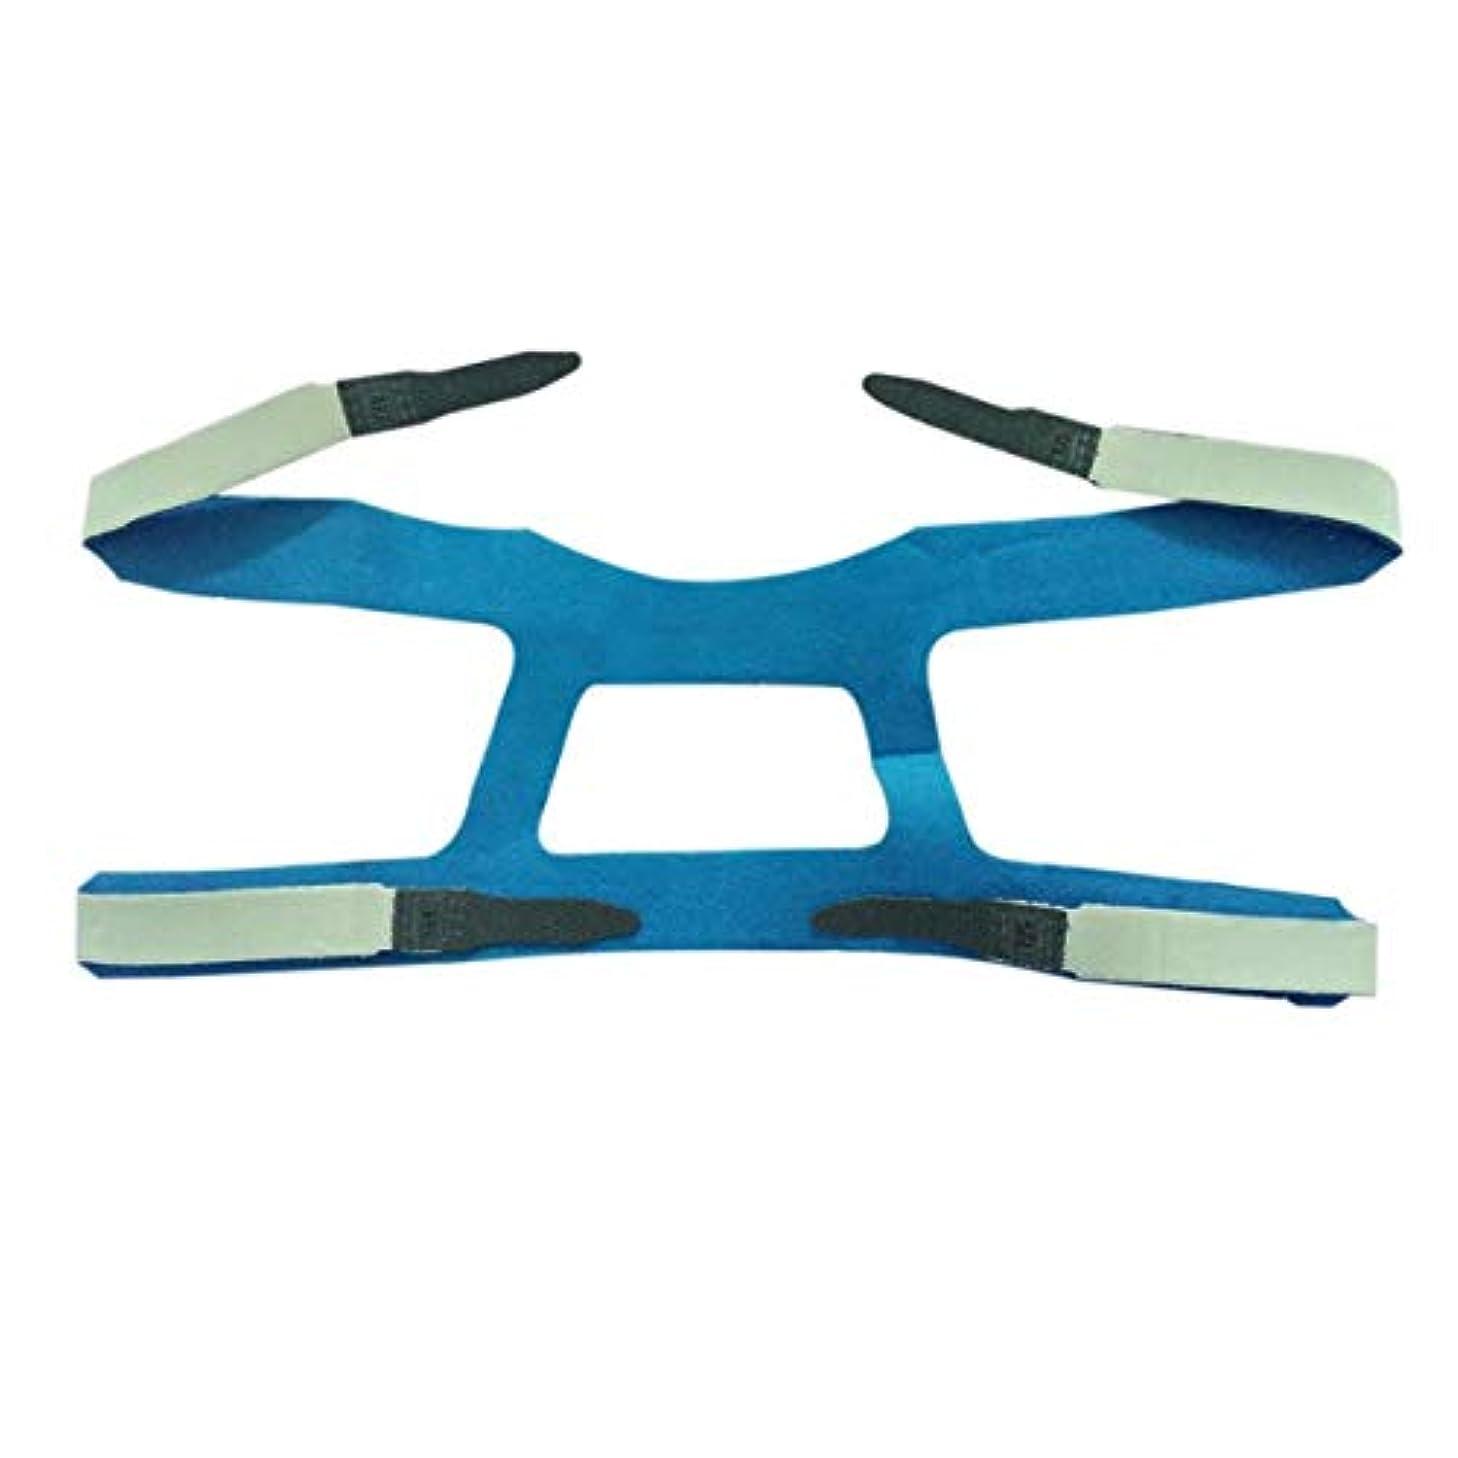 ファセット適合農場ユニバーサルデザインのヘッドギアコンフォートゲルフルマスク安全な環境交換CPAPヘッドバンドなしPHILPS